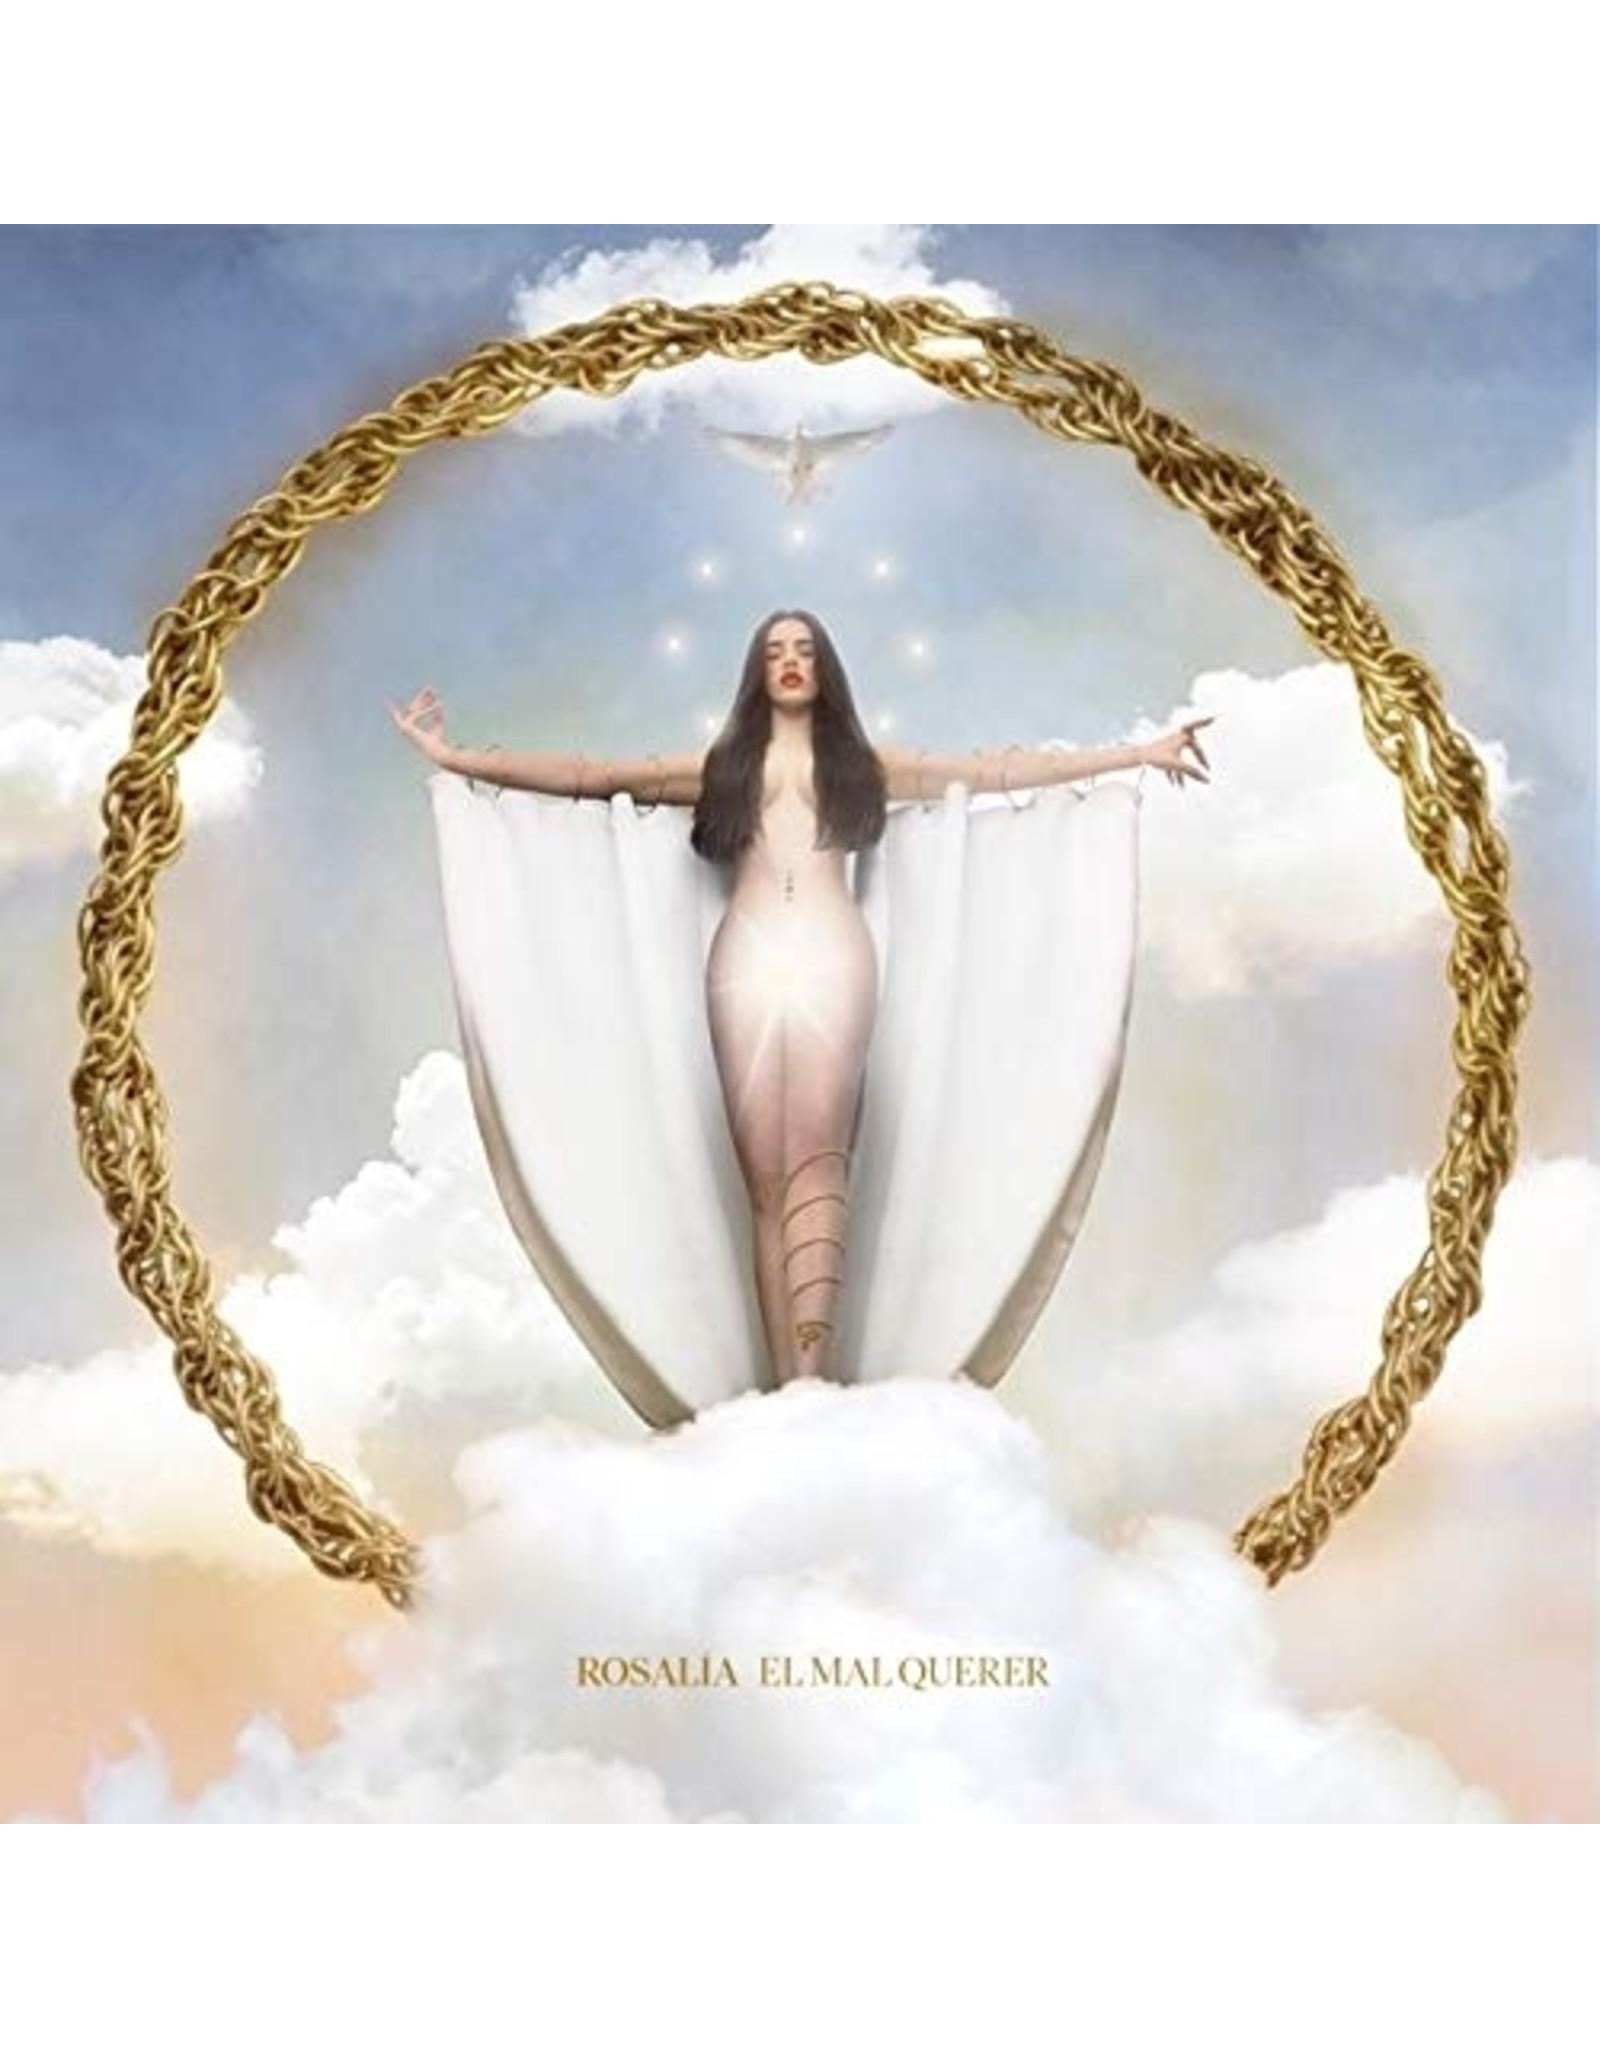 New Vinyl Rosalia - El Mal Querer [EU Import] 2LP